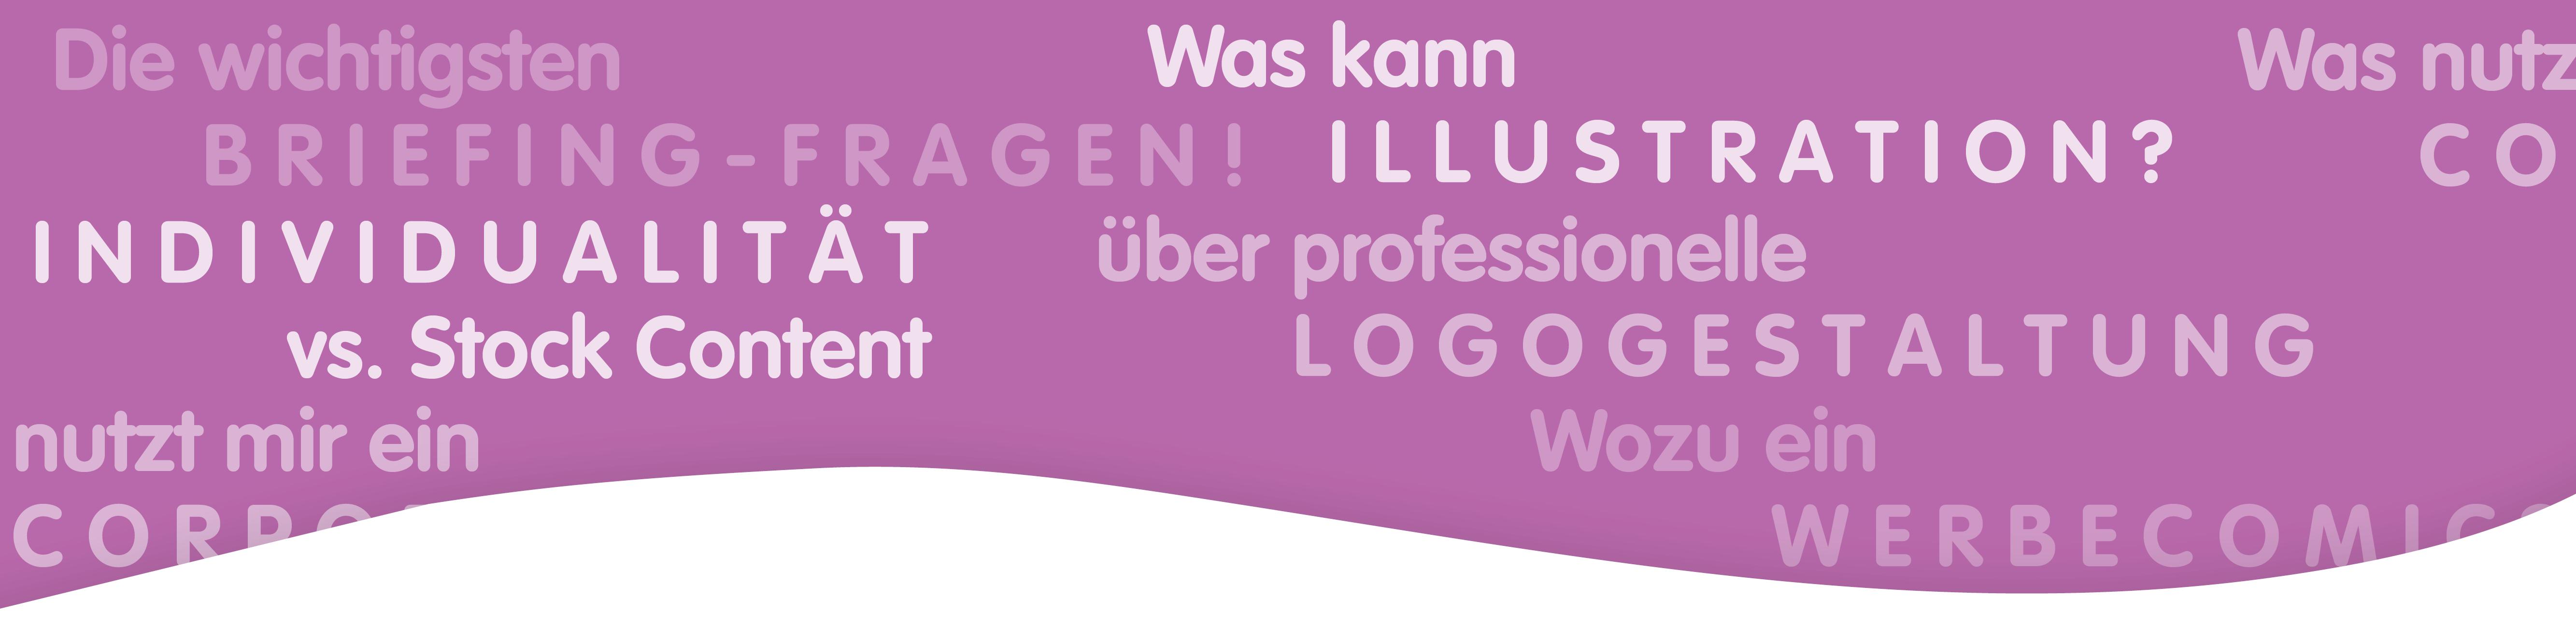 Header_Informationen für Bewerber_MEAU DESIGN_Melanie Austermann_Illustration_Grafikdesign, keine Stellen oder Praktikumsplätze verfügbar